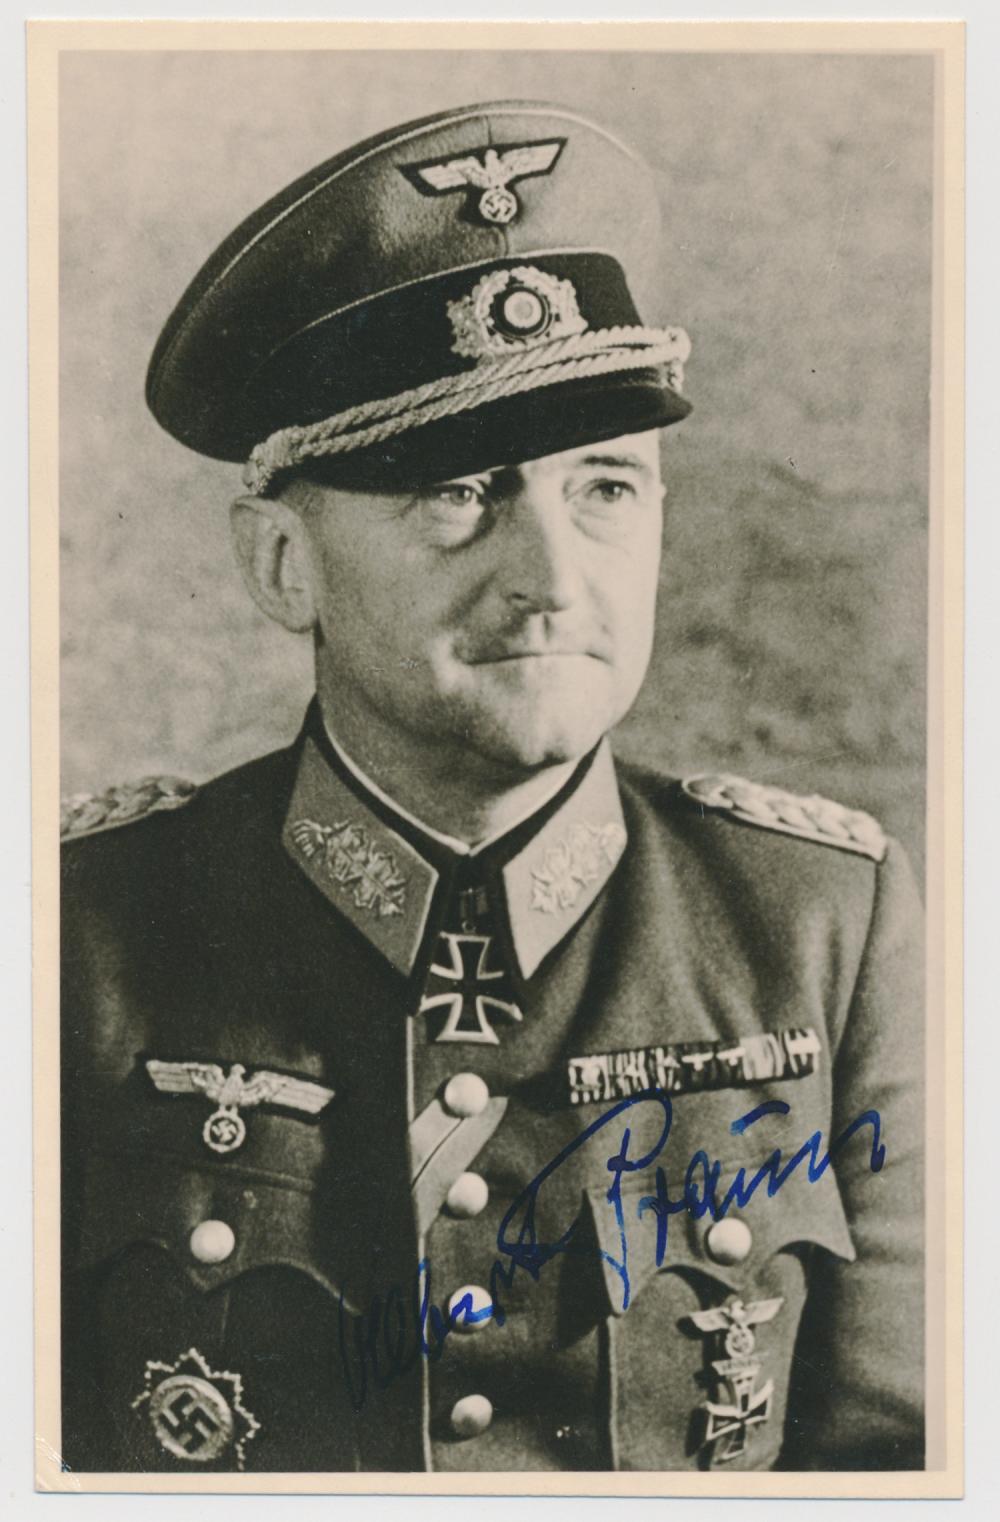 ALBERT PRAUN